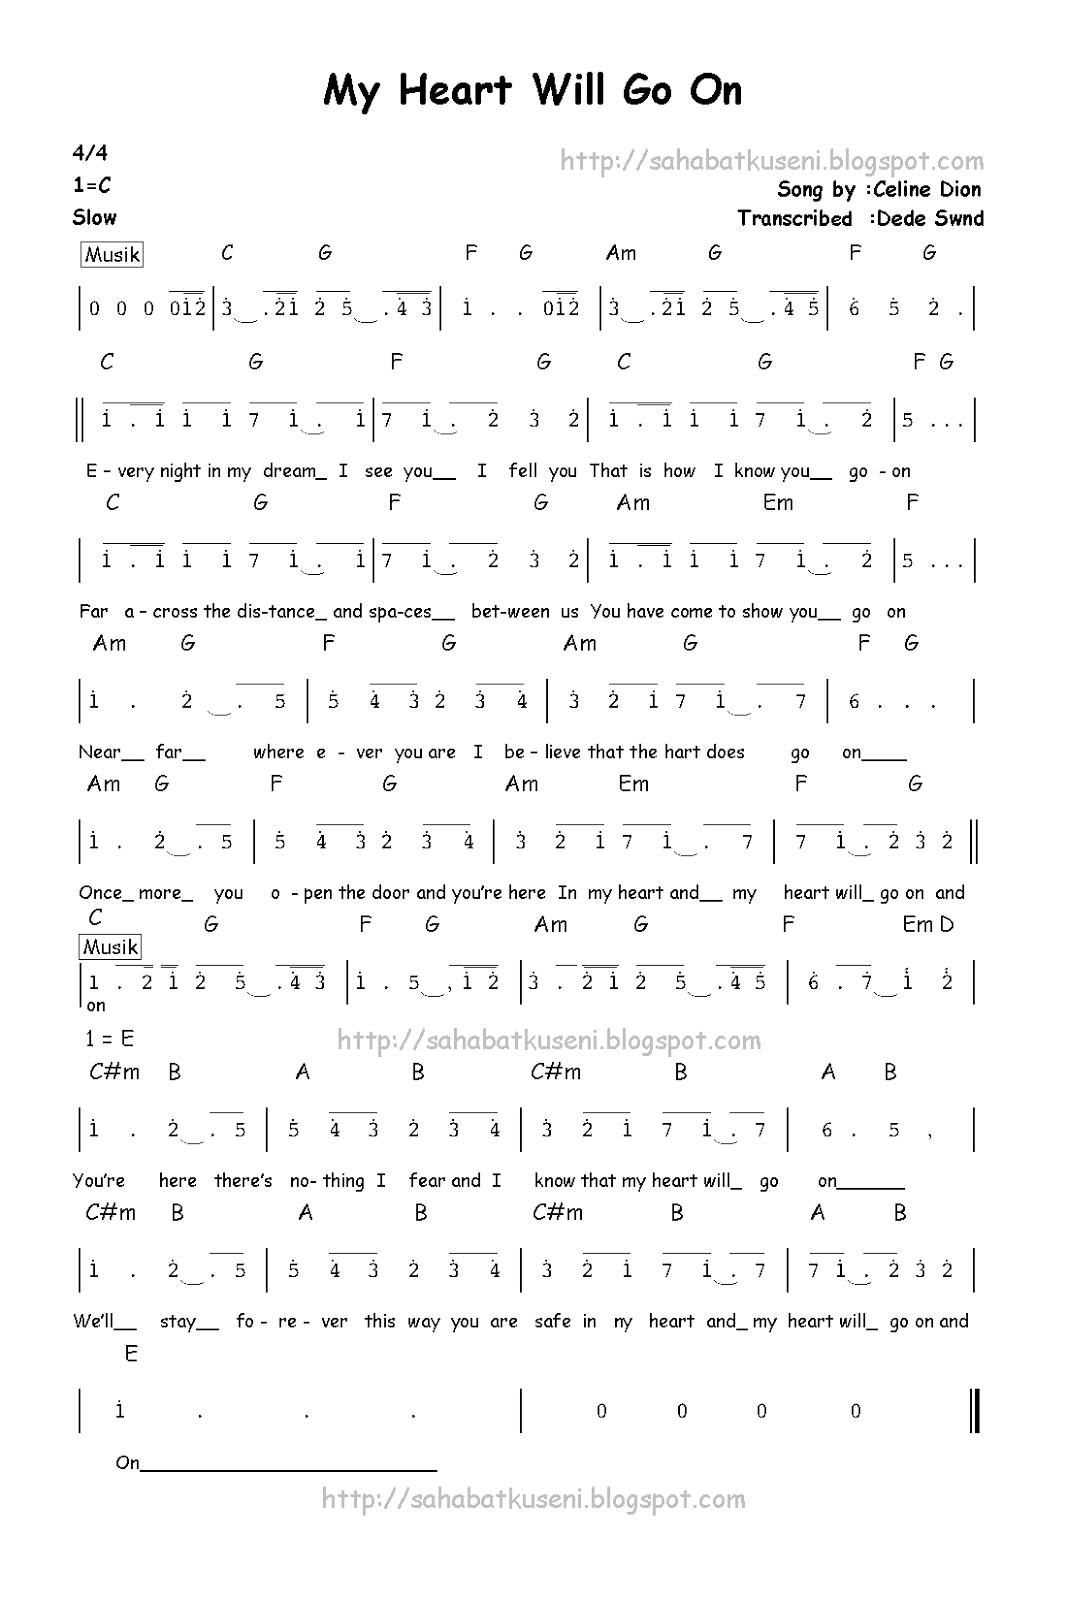 Not Pianika Lagu My Heart : pianika, heart, Angka, Heart, Berikut, Lirik, Chordnya, Celline, Sahabatku